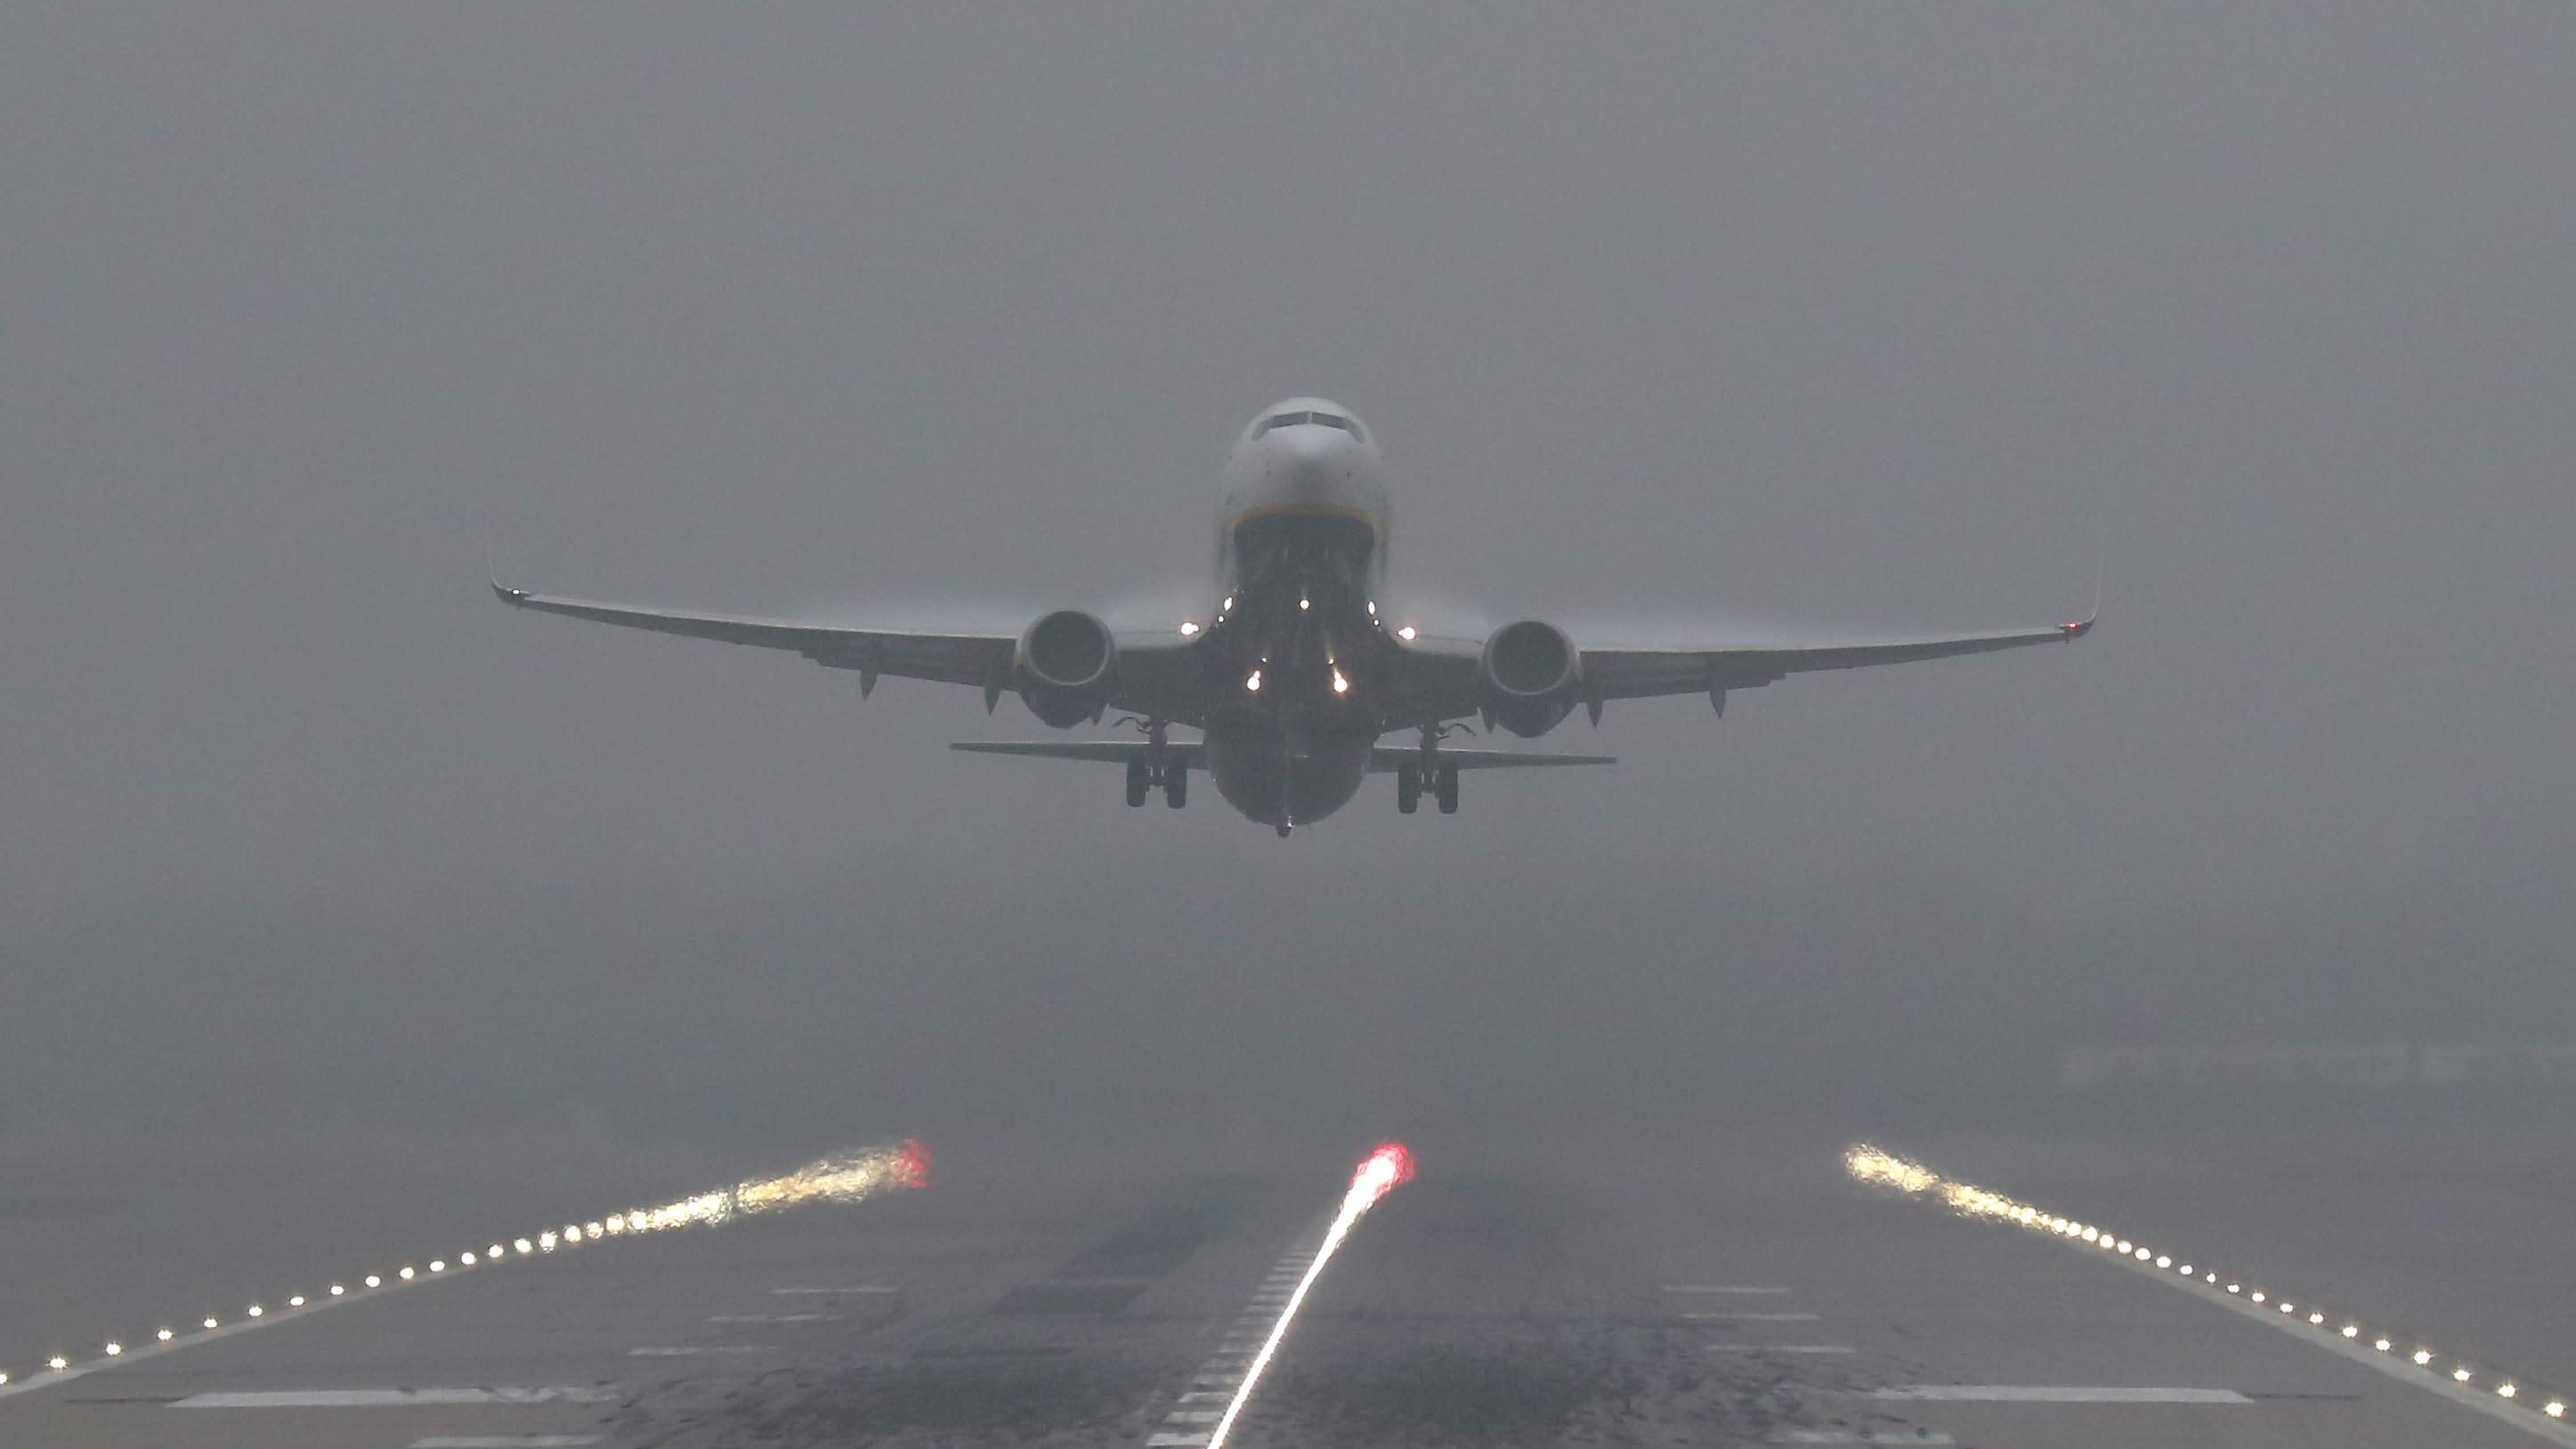 фото самолет и туман фишер знаменитая бразильская